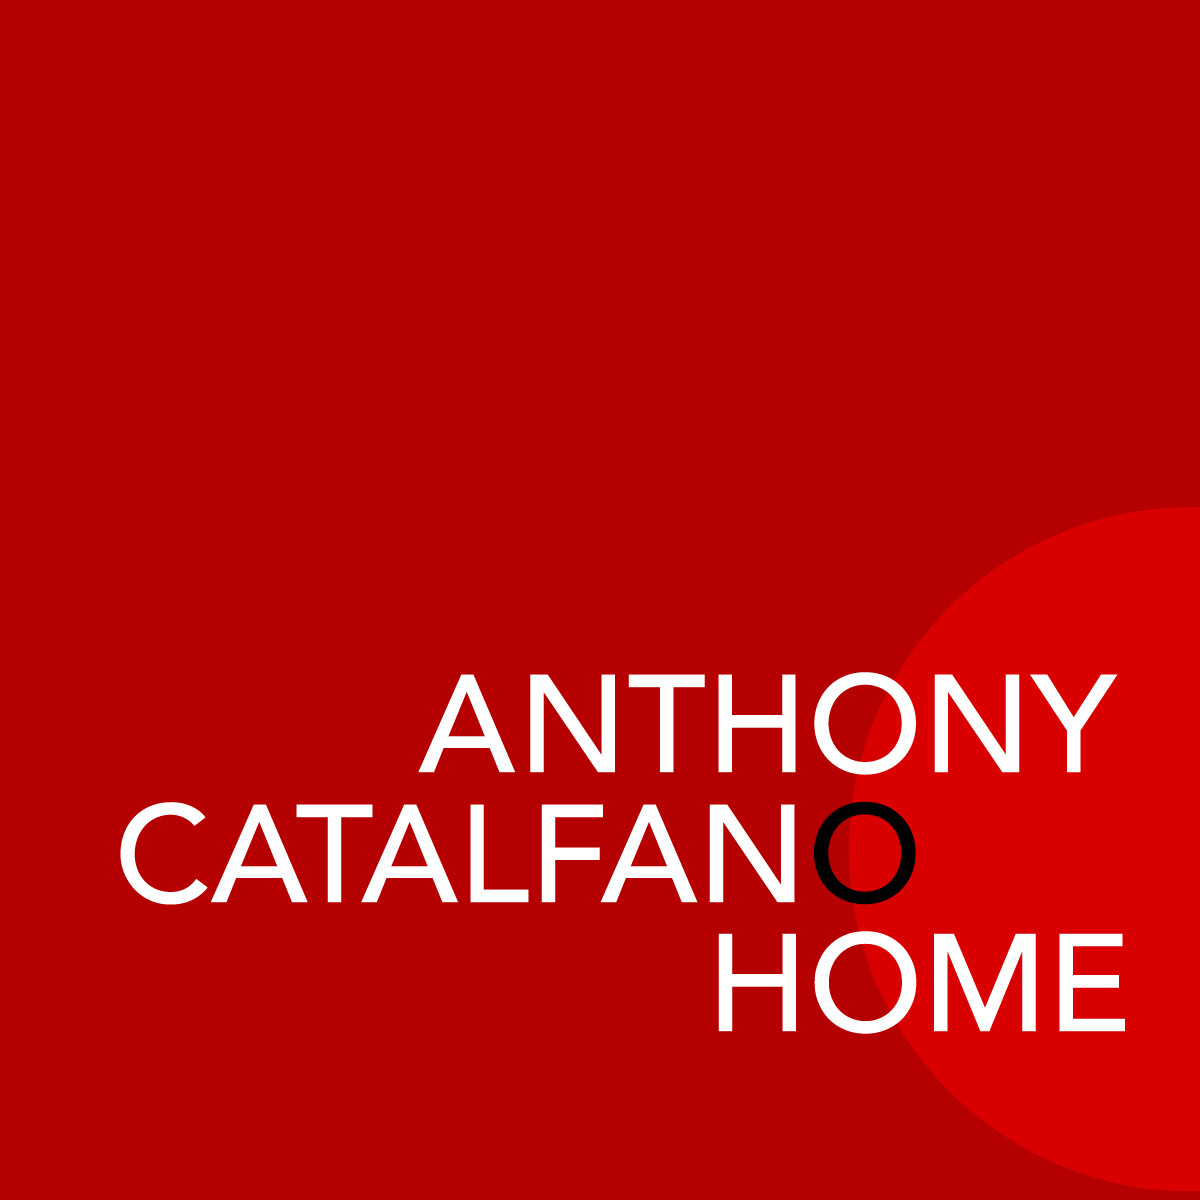 Anthony Catalfano Home